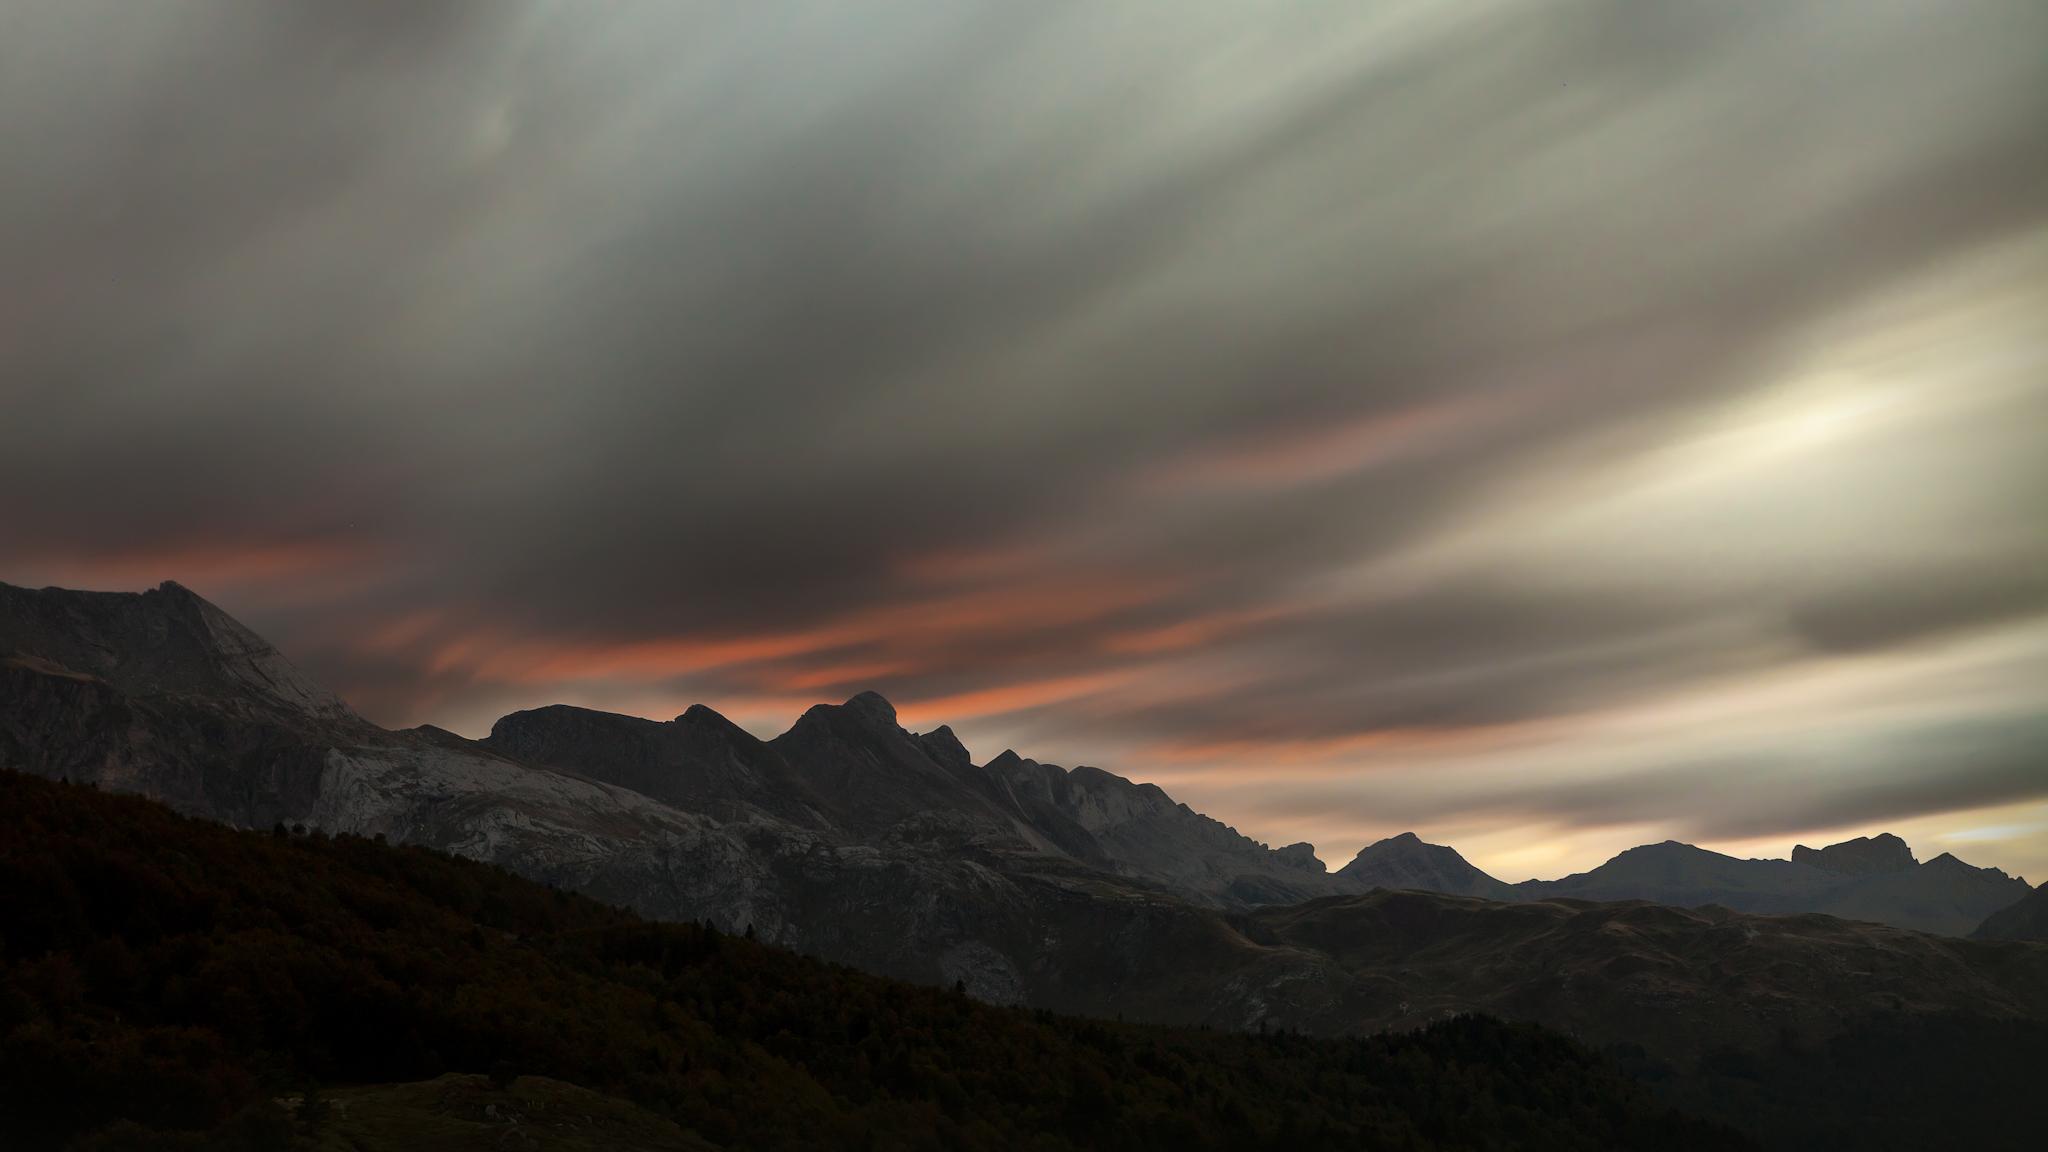 Atardecer sobre la sierra de Secús - Paisajes del valle - Fotos del Valle del Aragón, Mikel Besga